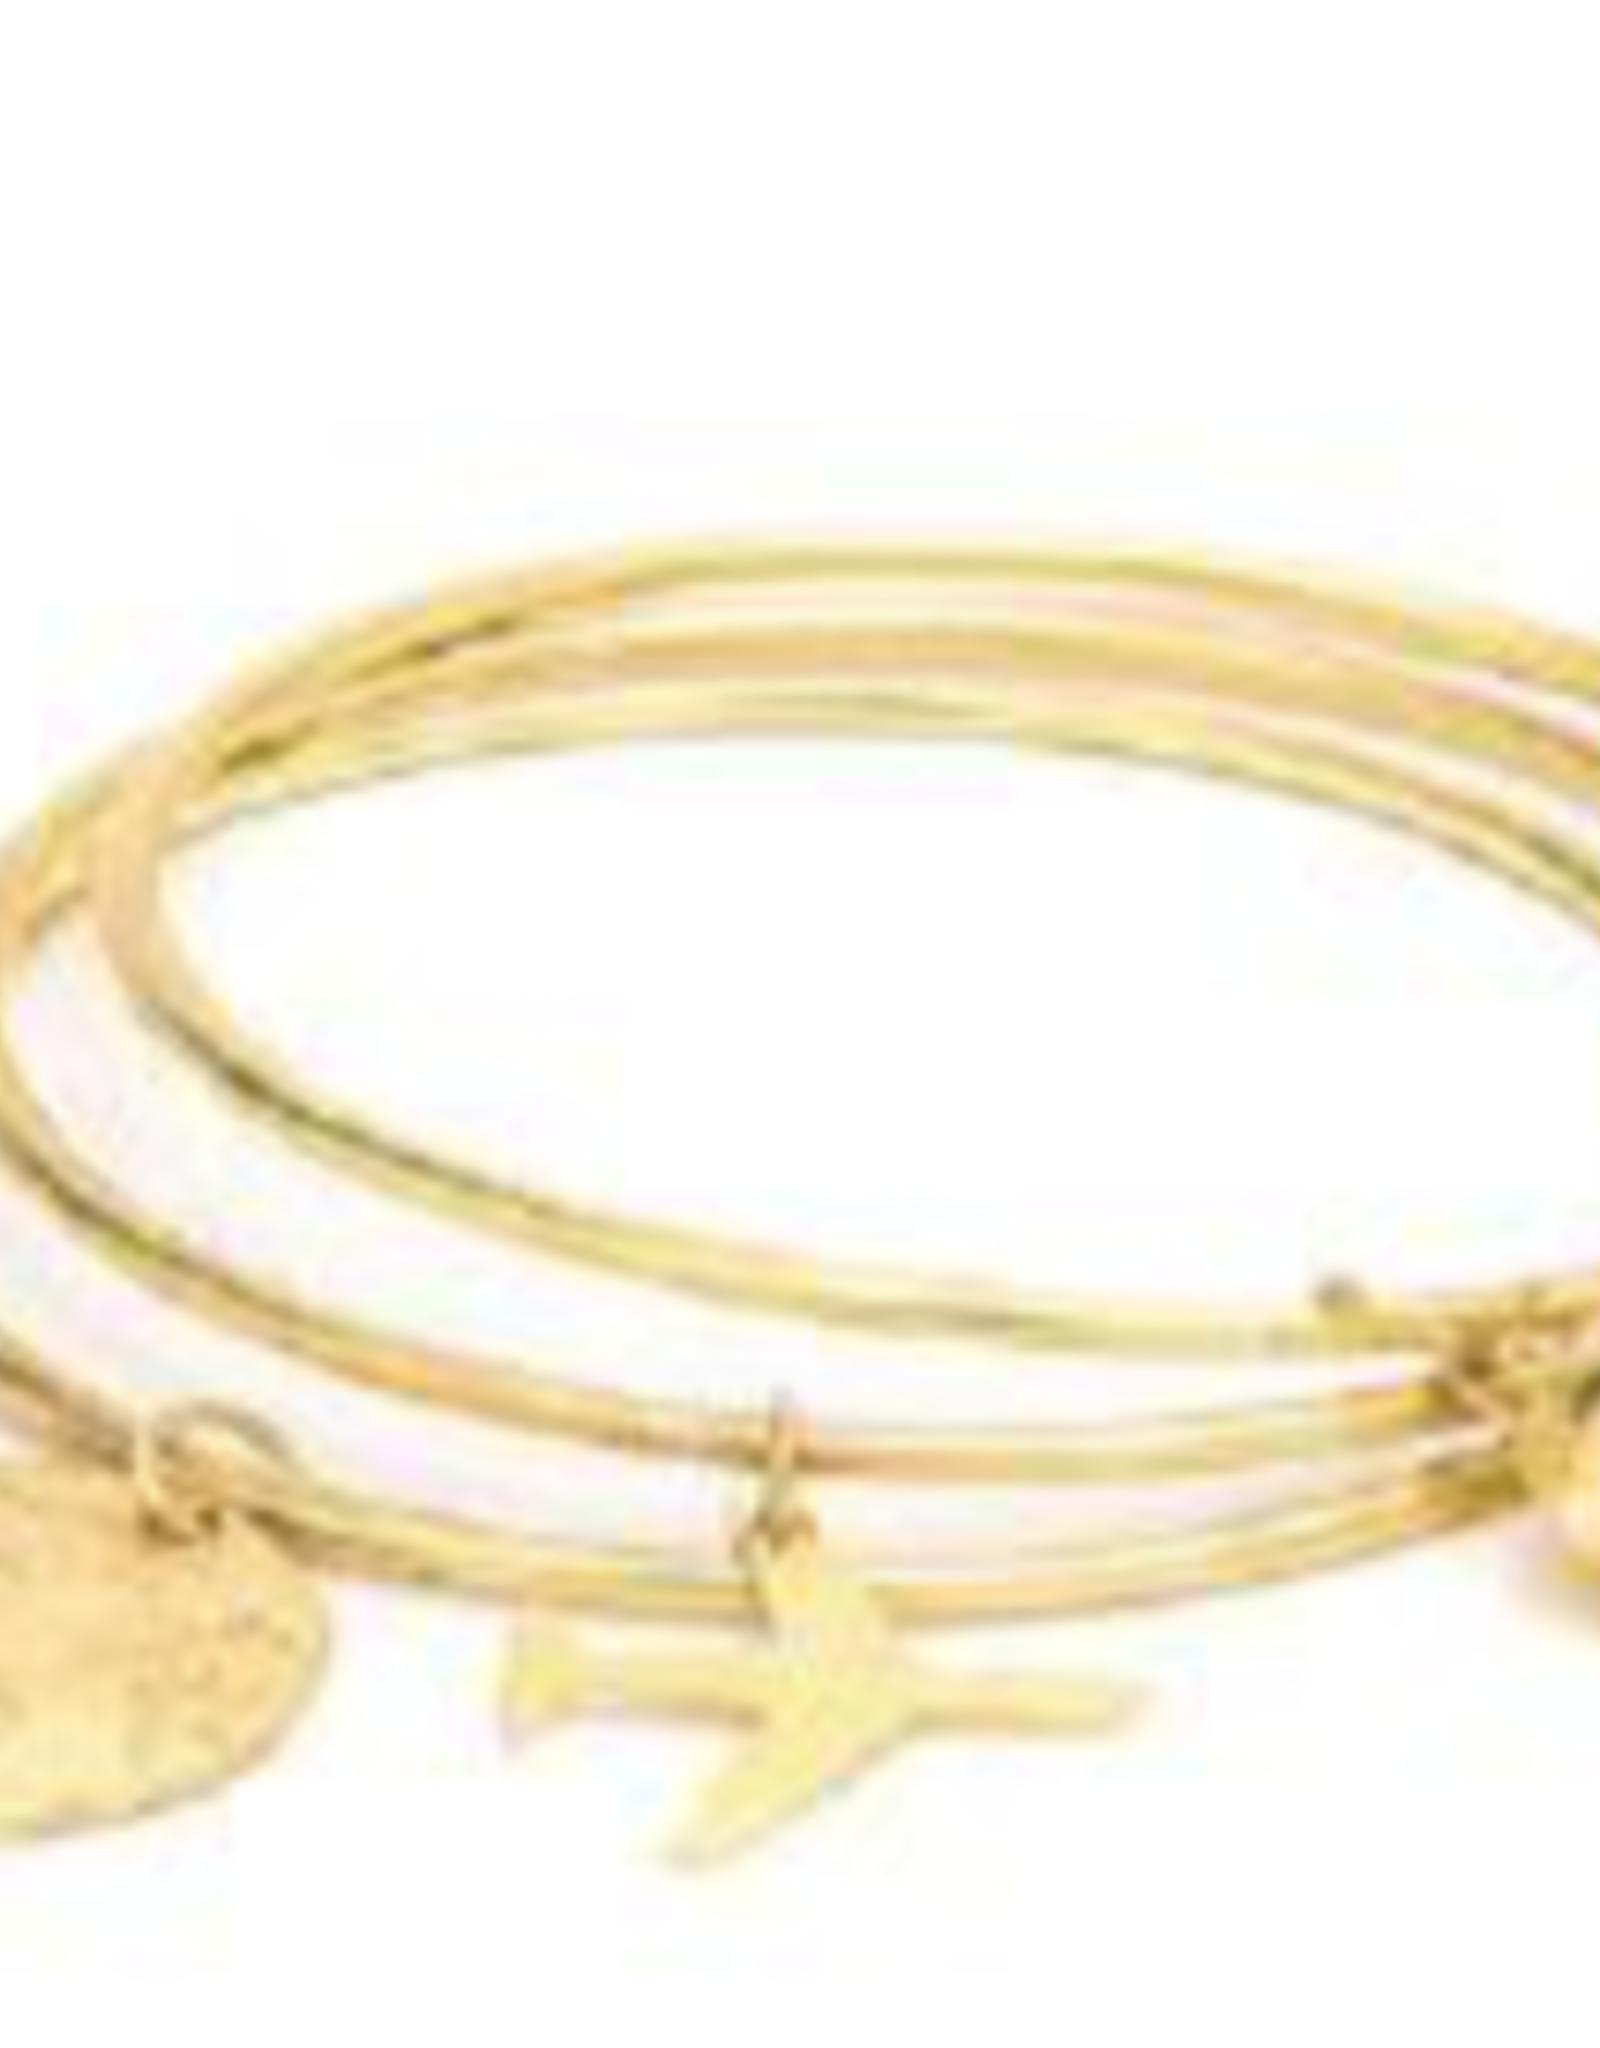 VESTOPAZZO Brass Travel Bracelet